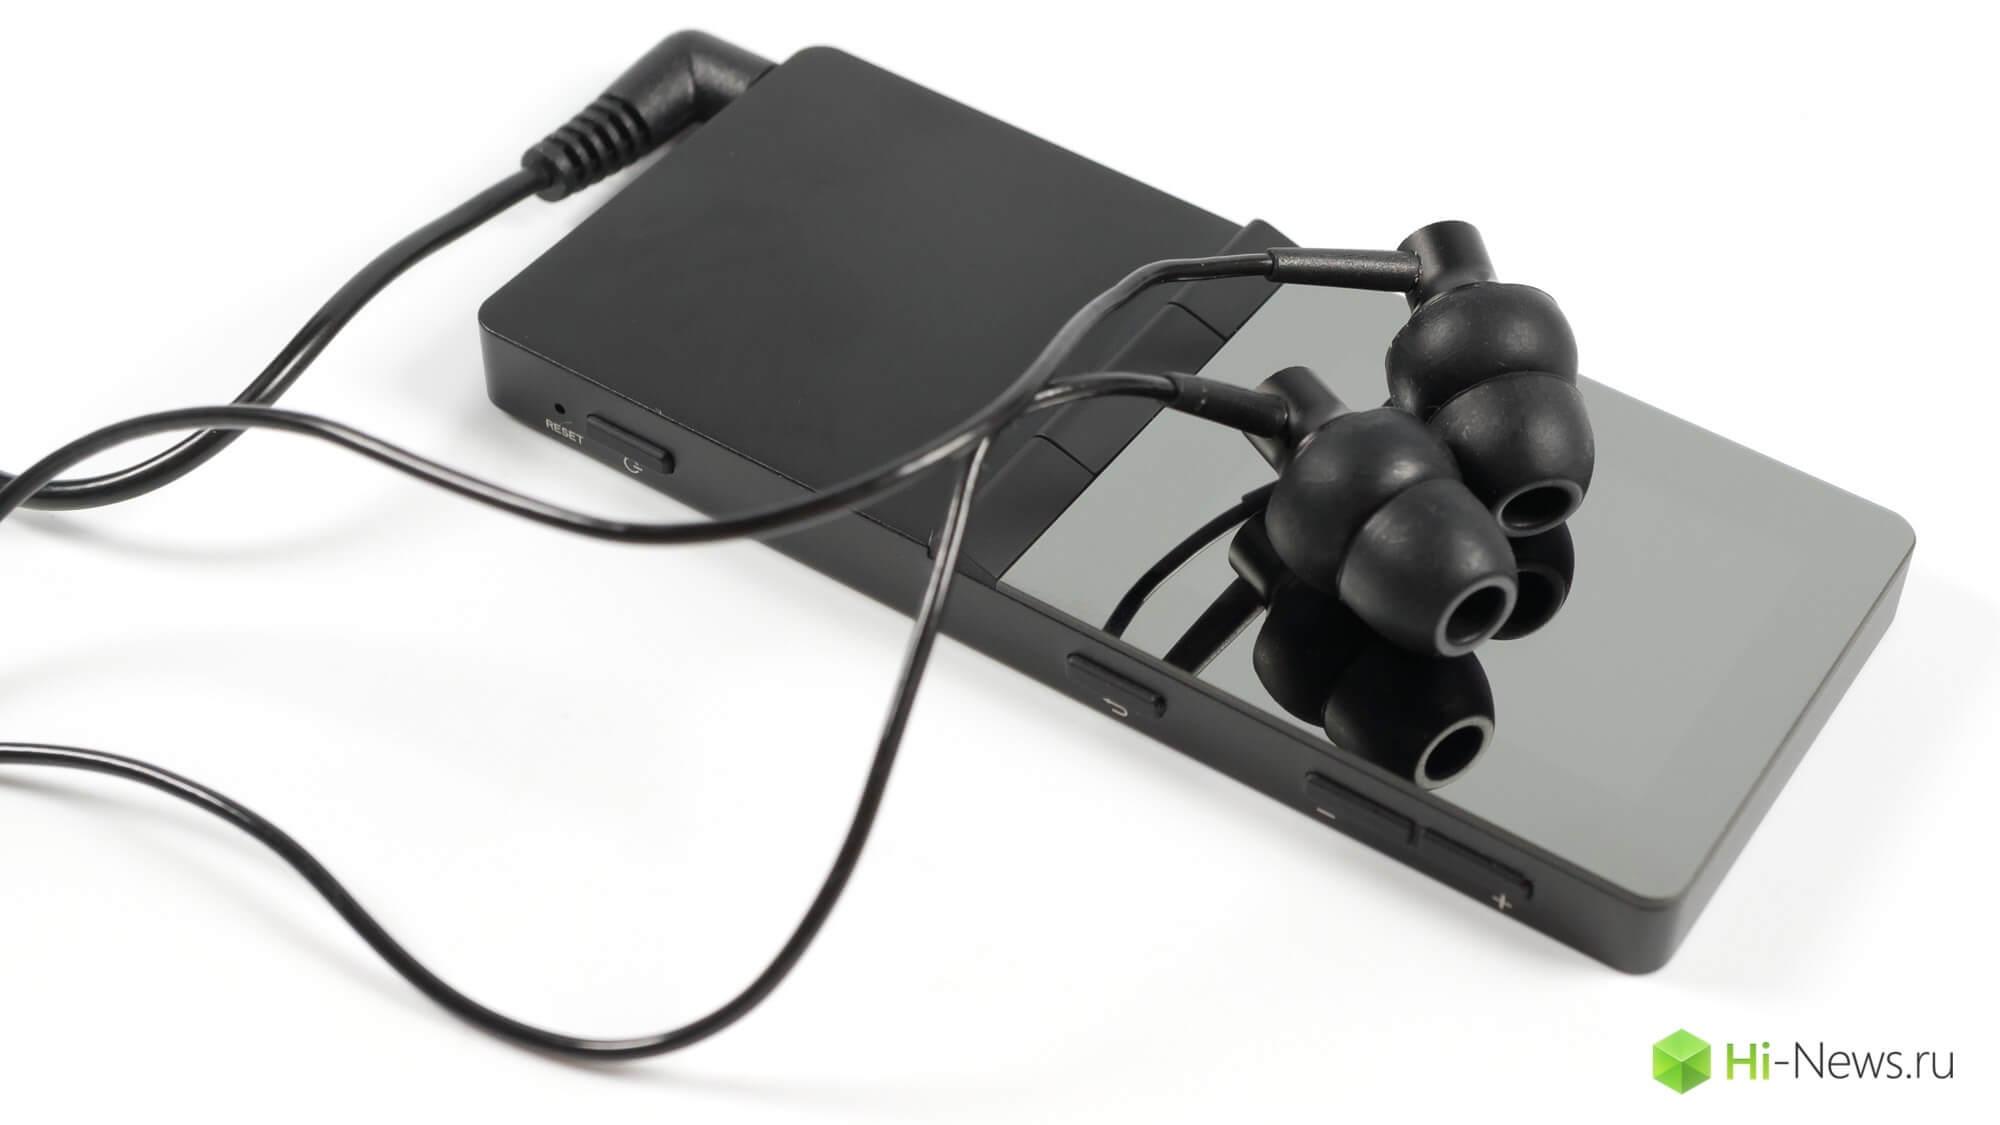 Обзор плеера HiFiMan SuperMini — батарейки входят в комплект